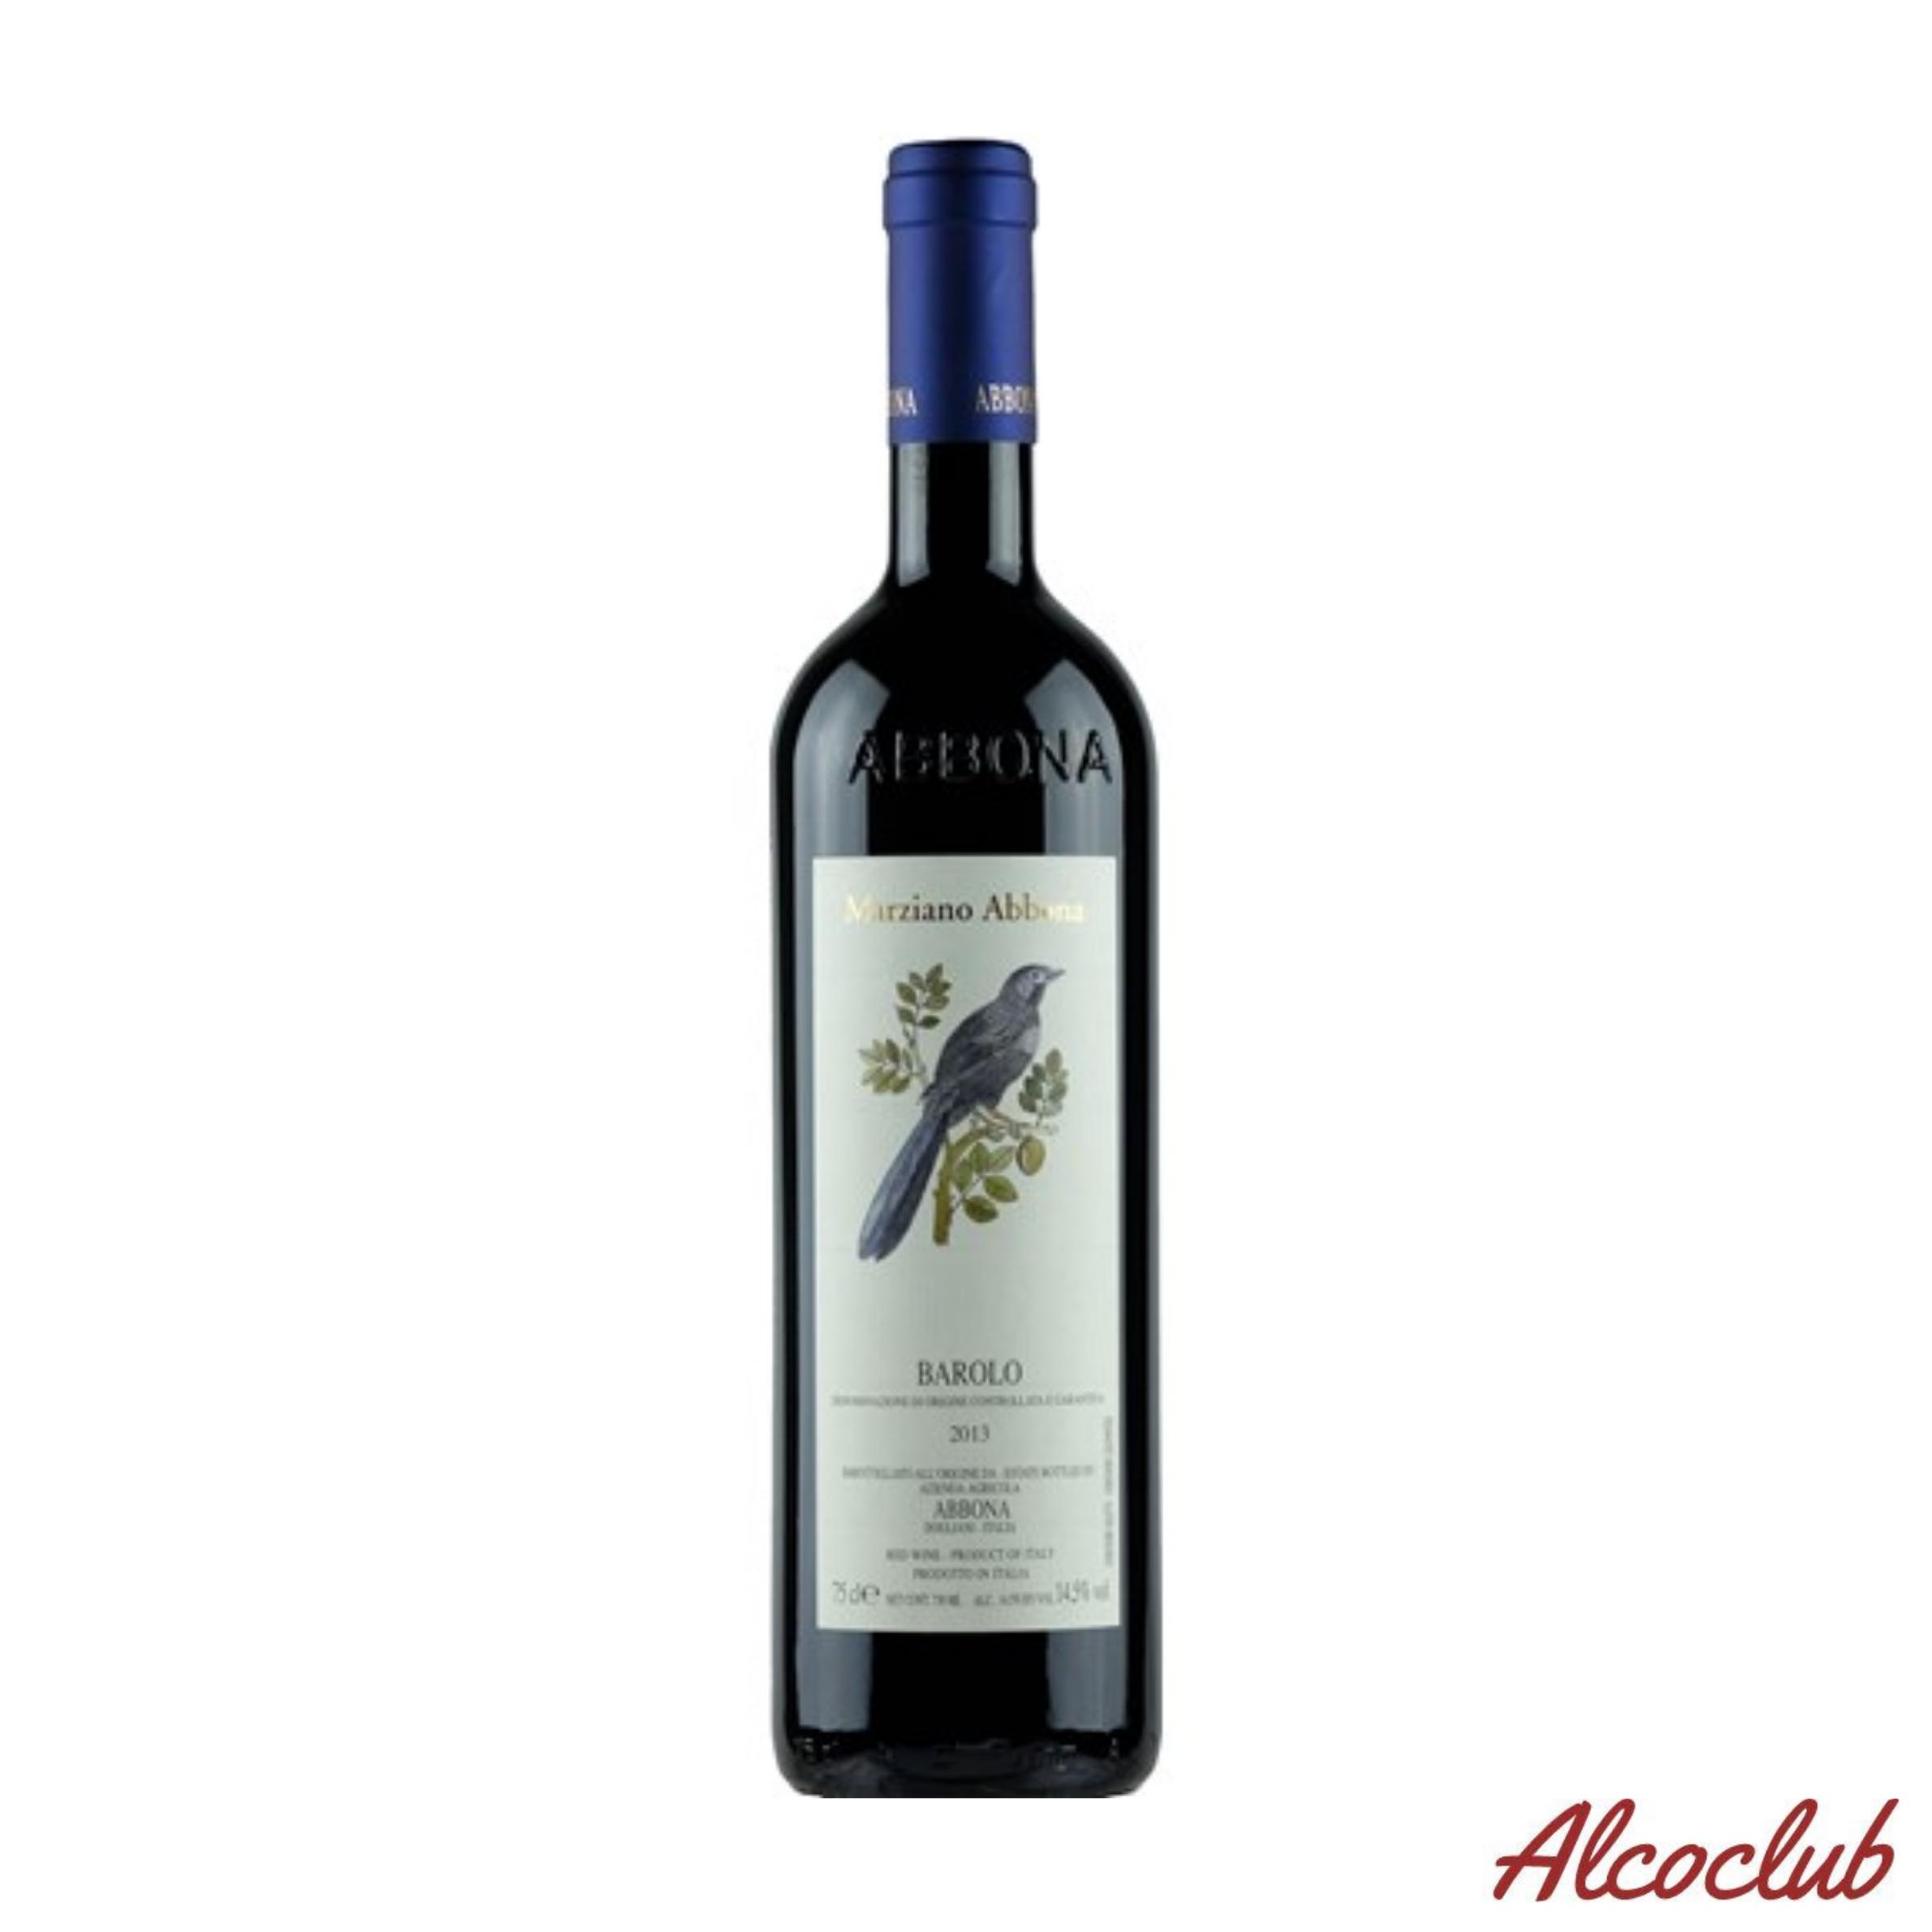 Заказать в Украине сухое вино Abbona Barolo DOCG 2013 Италия